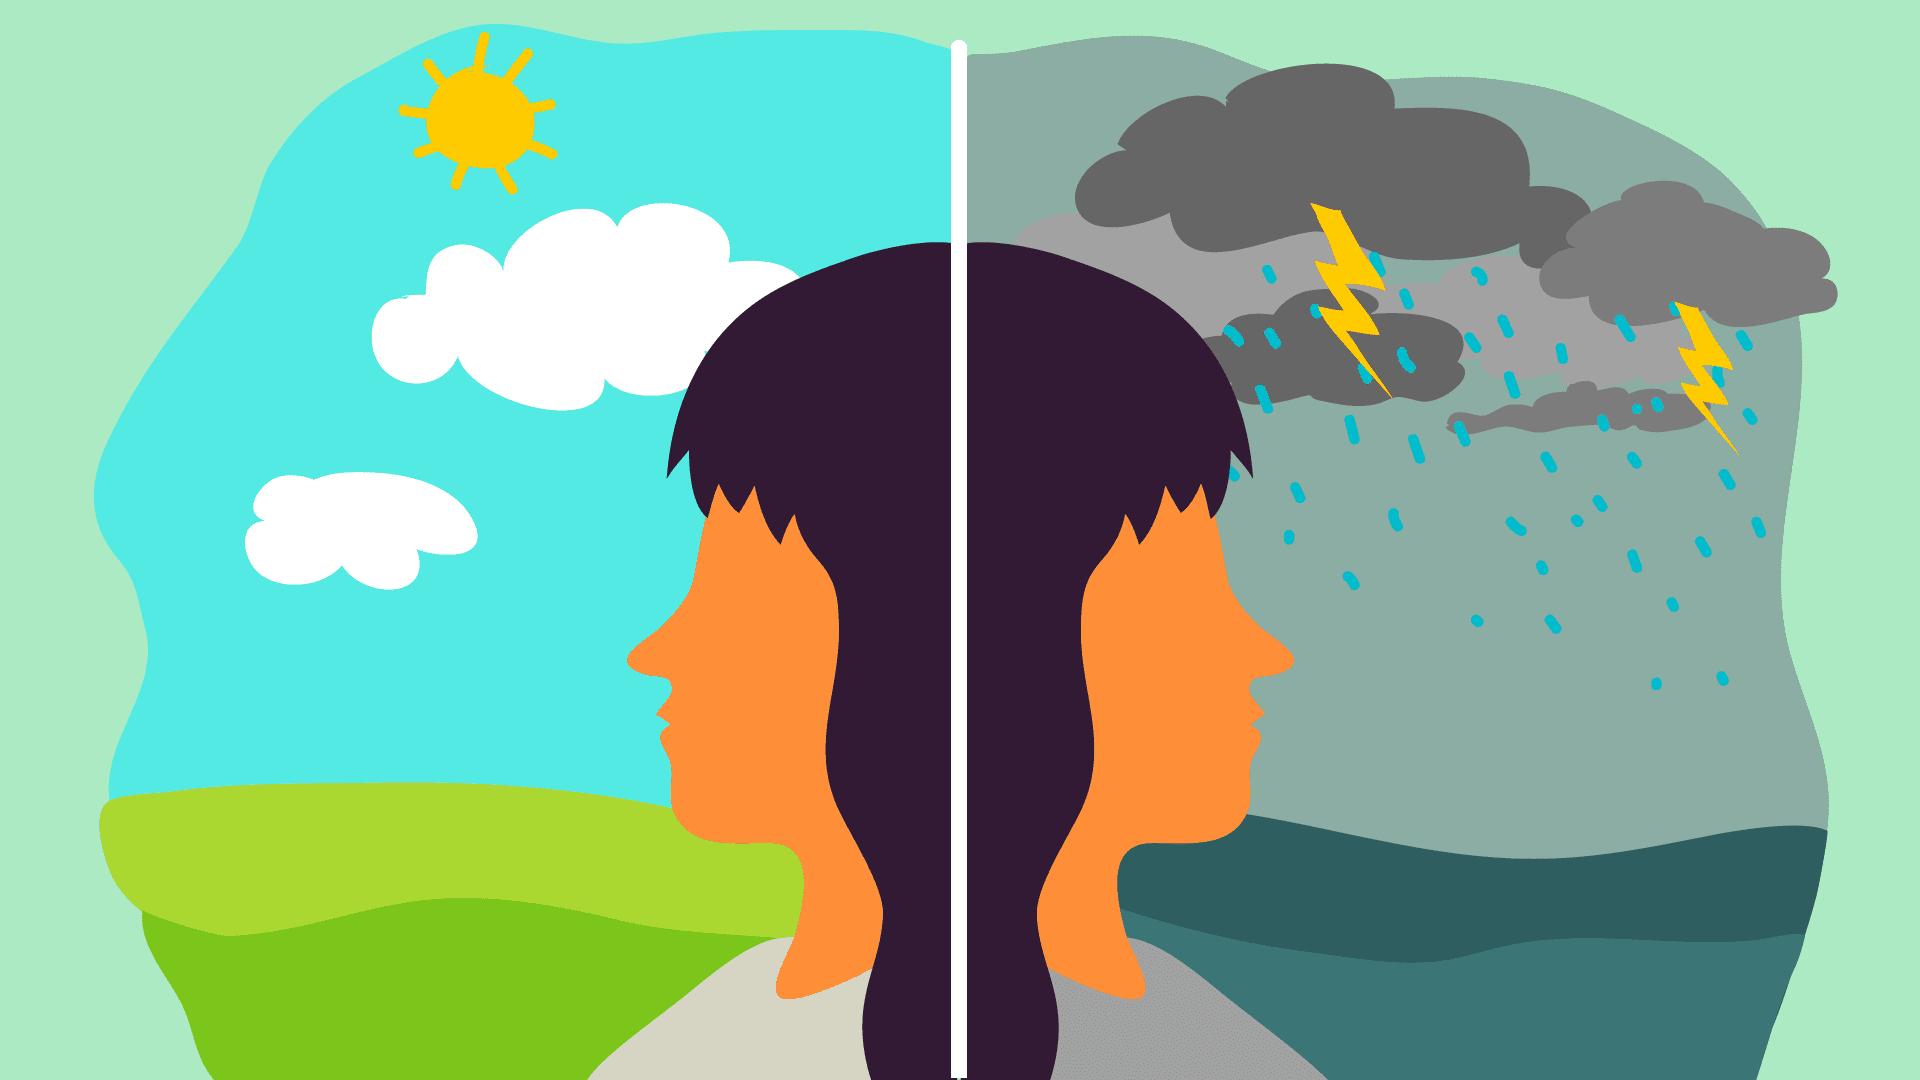 Пограничное состояние психики: признаки (у детей, подростков), между жизнью и смертью, что относится, невроз, лечение и уход, шизофрения